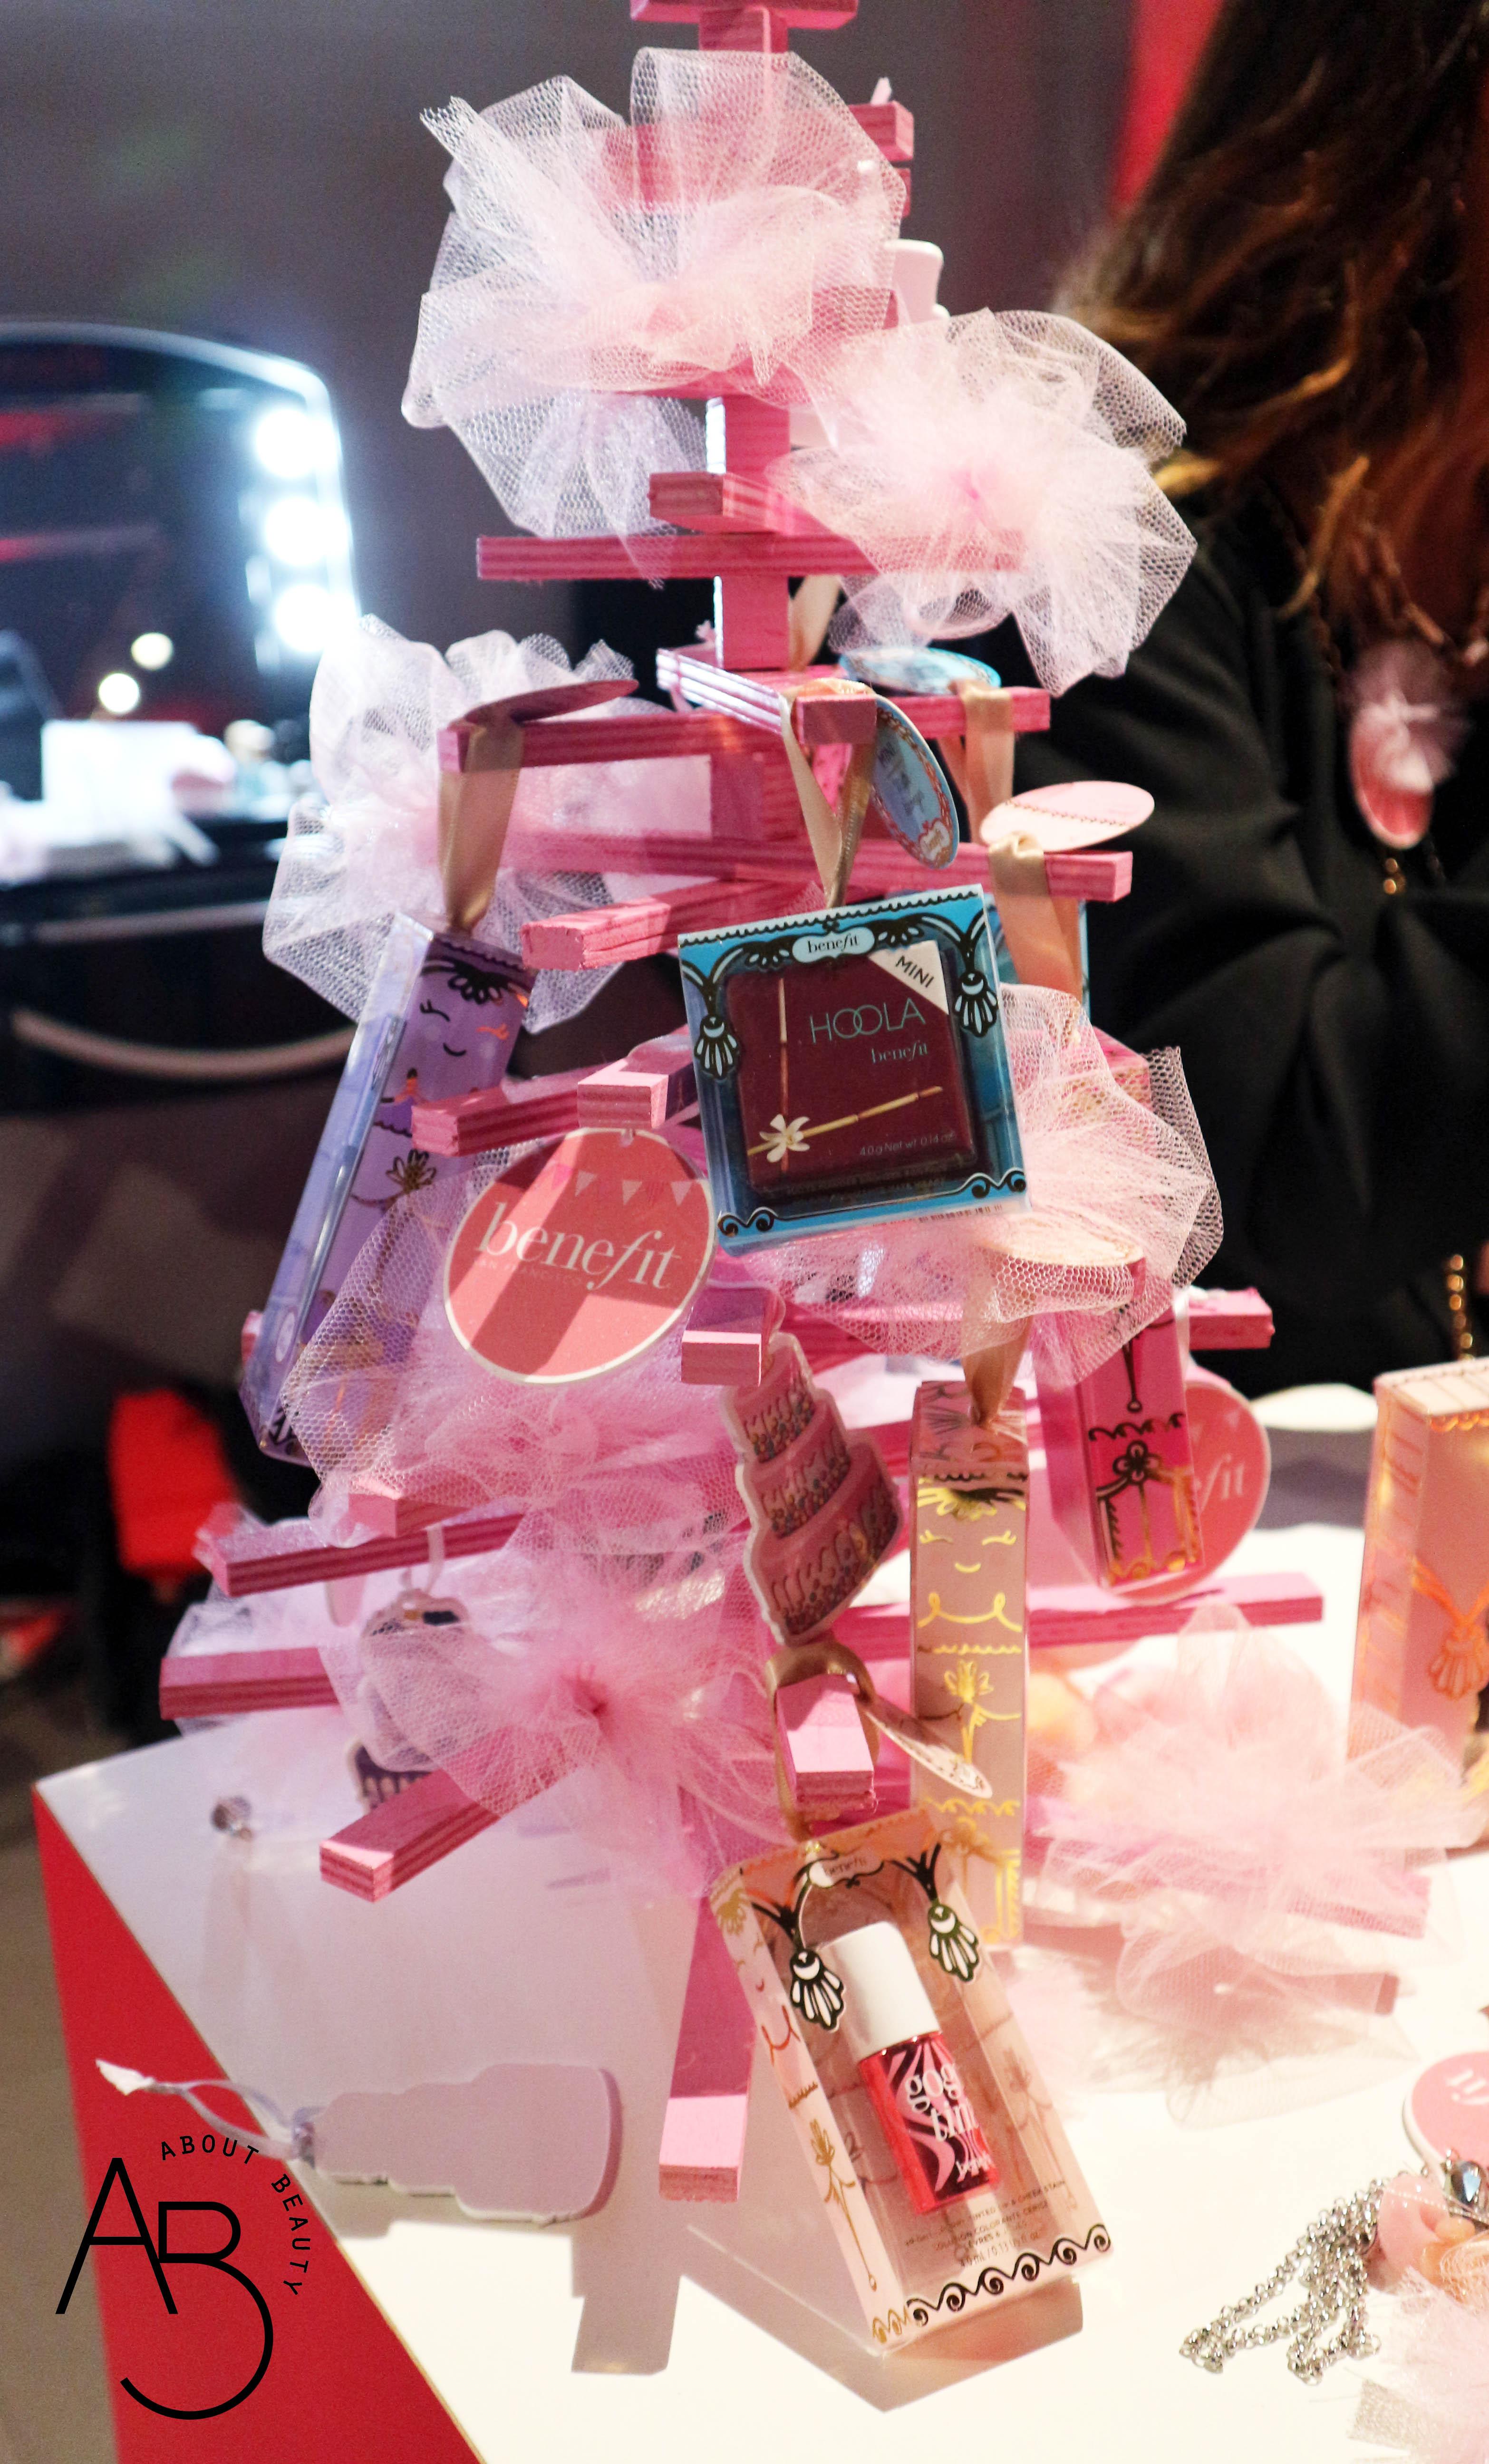 Sephora Natale 2018 Novita da non perdere - Make-up - Benefit Mini size - Review, recensione, swatch, info, prezzo, dove acquistare, data di uscita